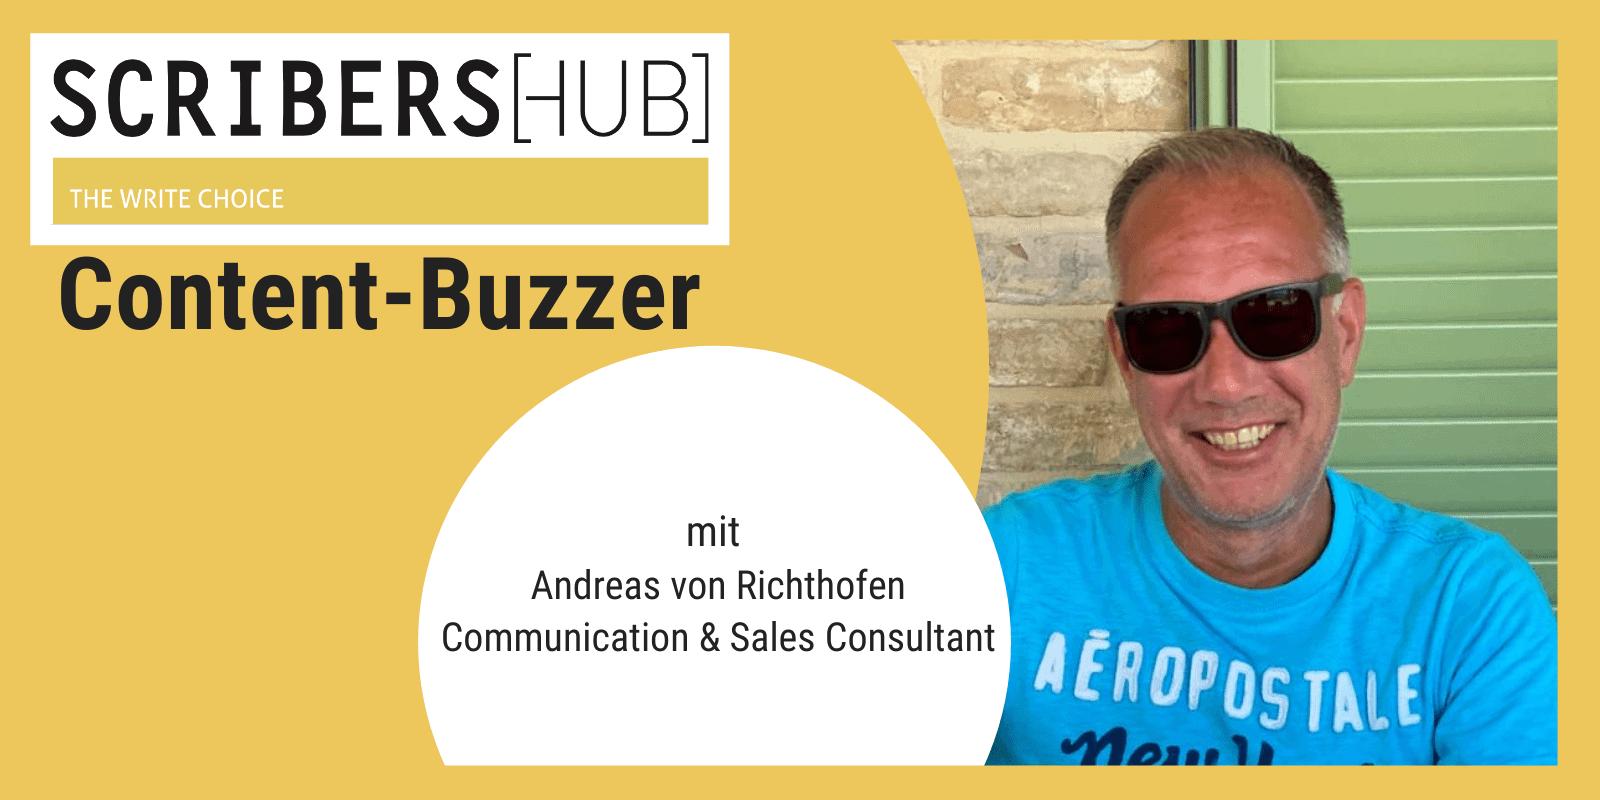 Scribershub Content Buzzer mit Andres von Richthofen Communication und Consult